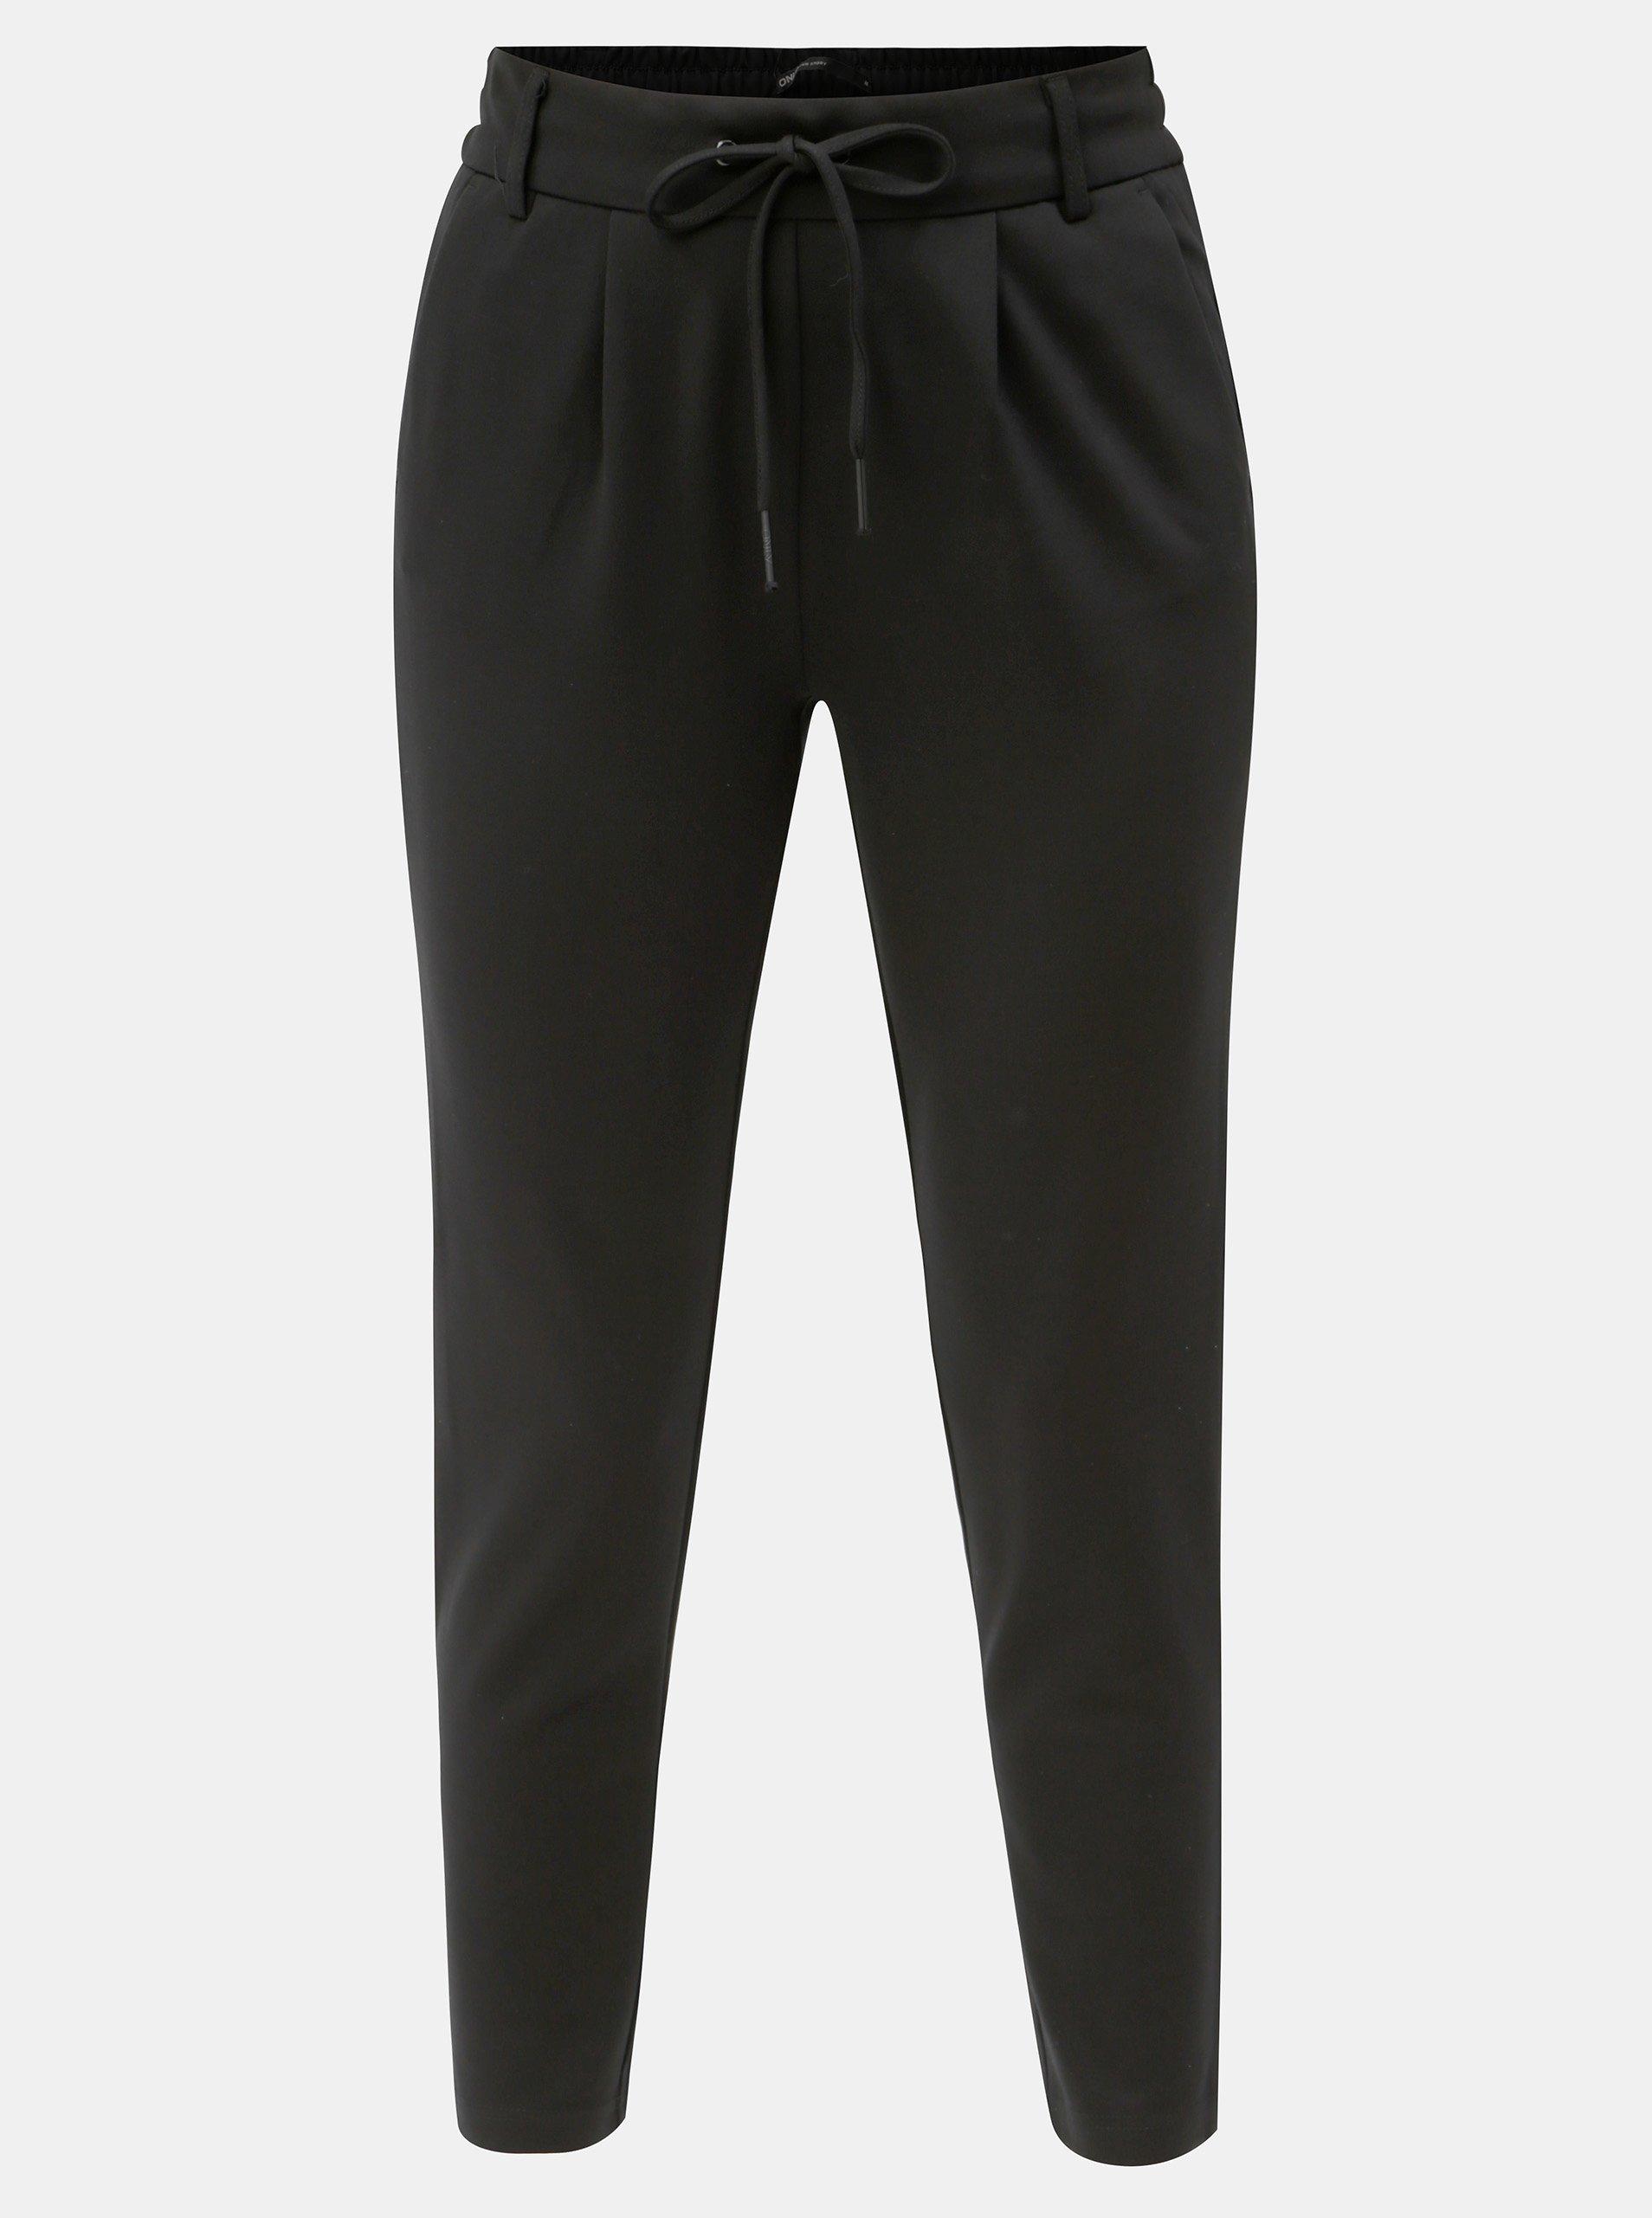 Černé zkrácené kalhoty s vysokým pasem ONLY Poptrash 28f778946c